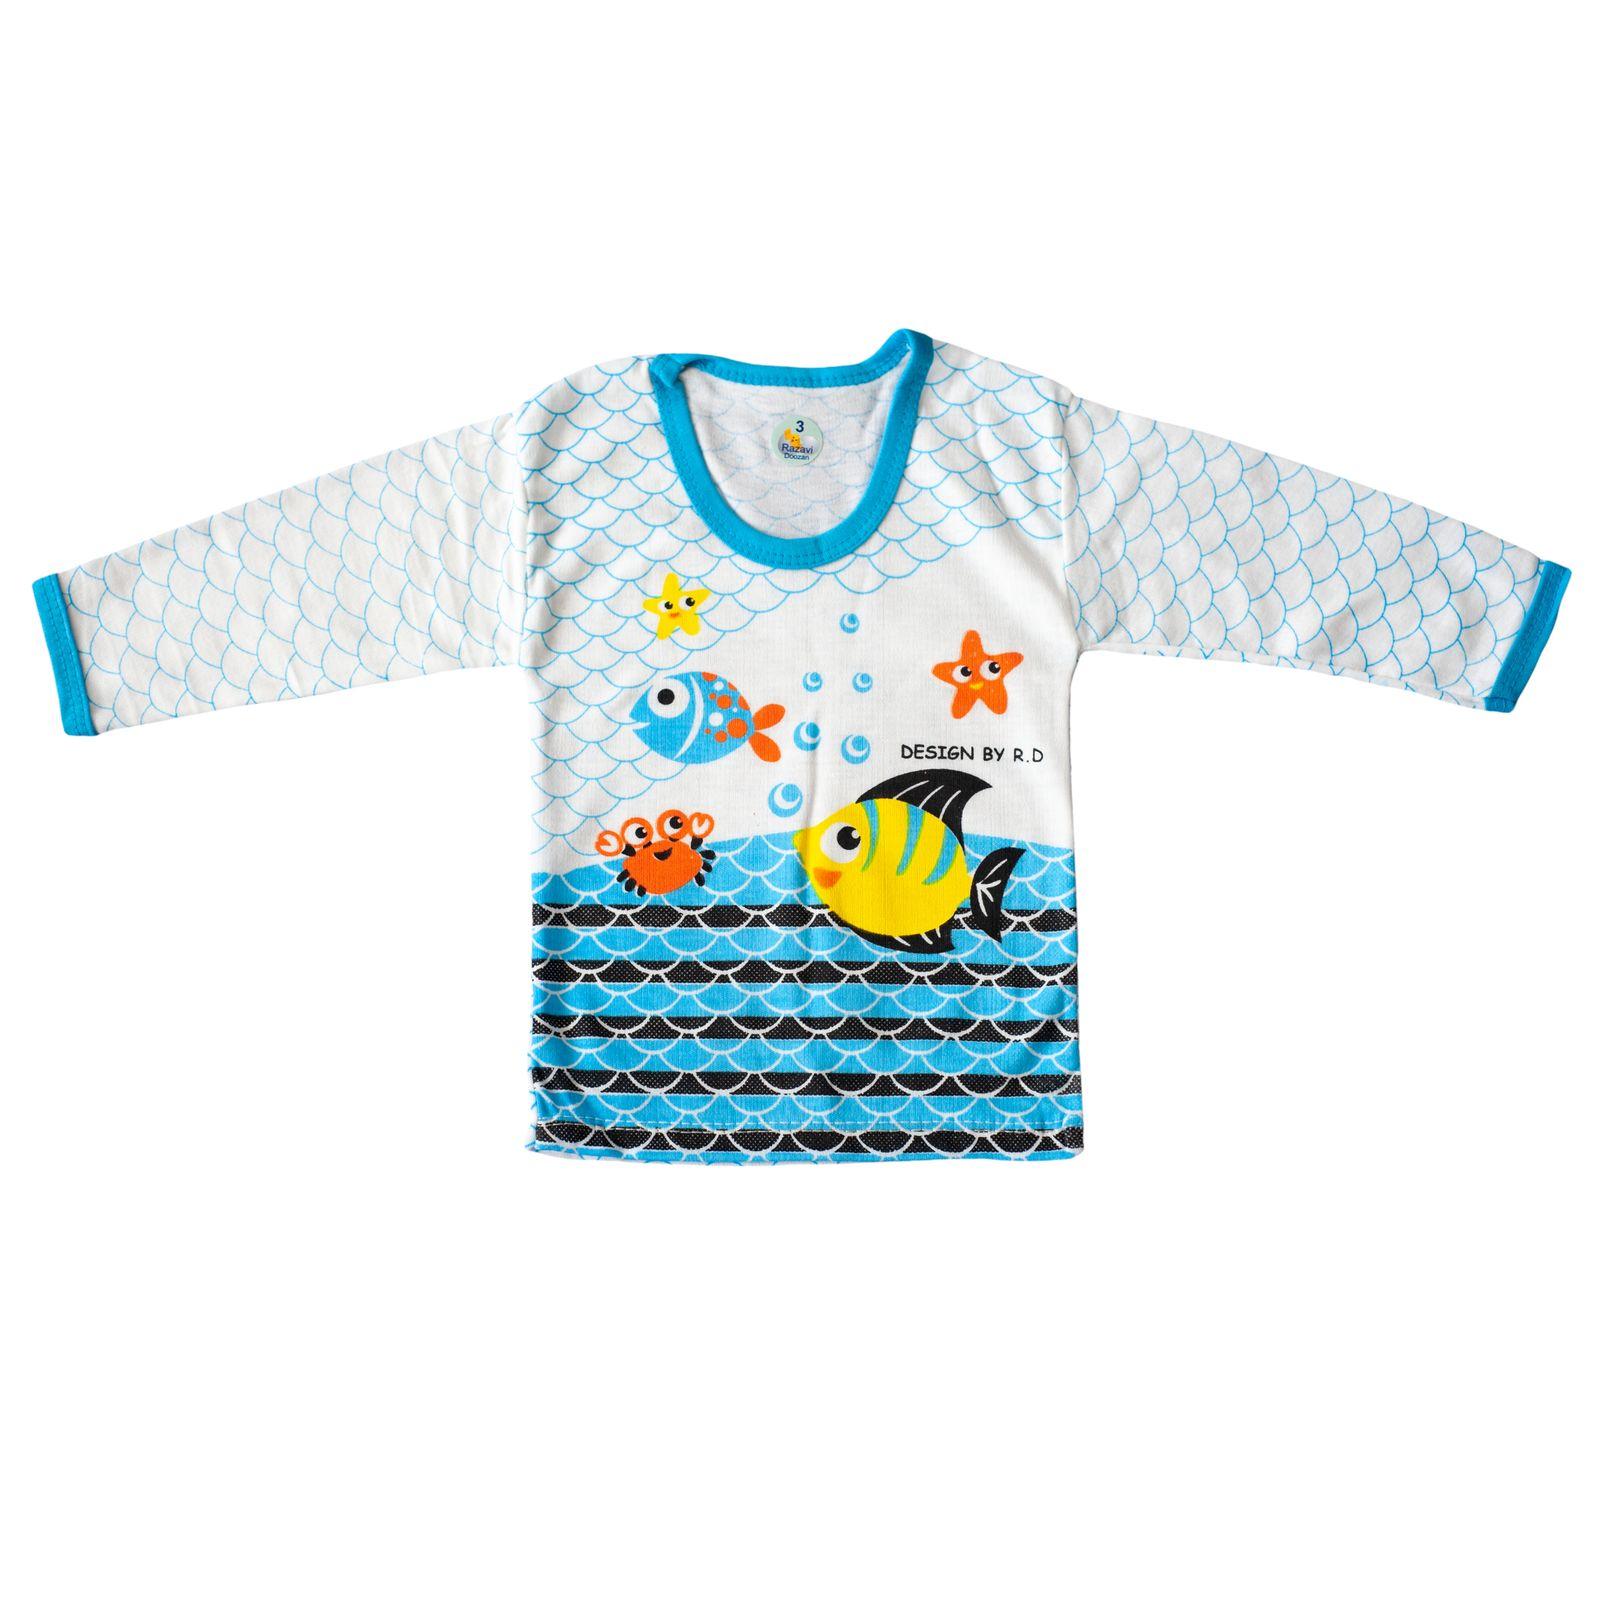 ست 5 تکه لباس نوزادی کد C15 -  - 6